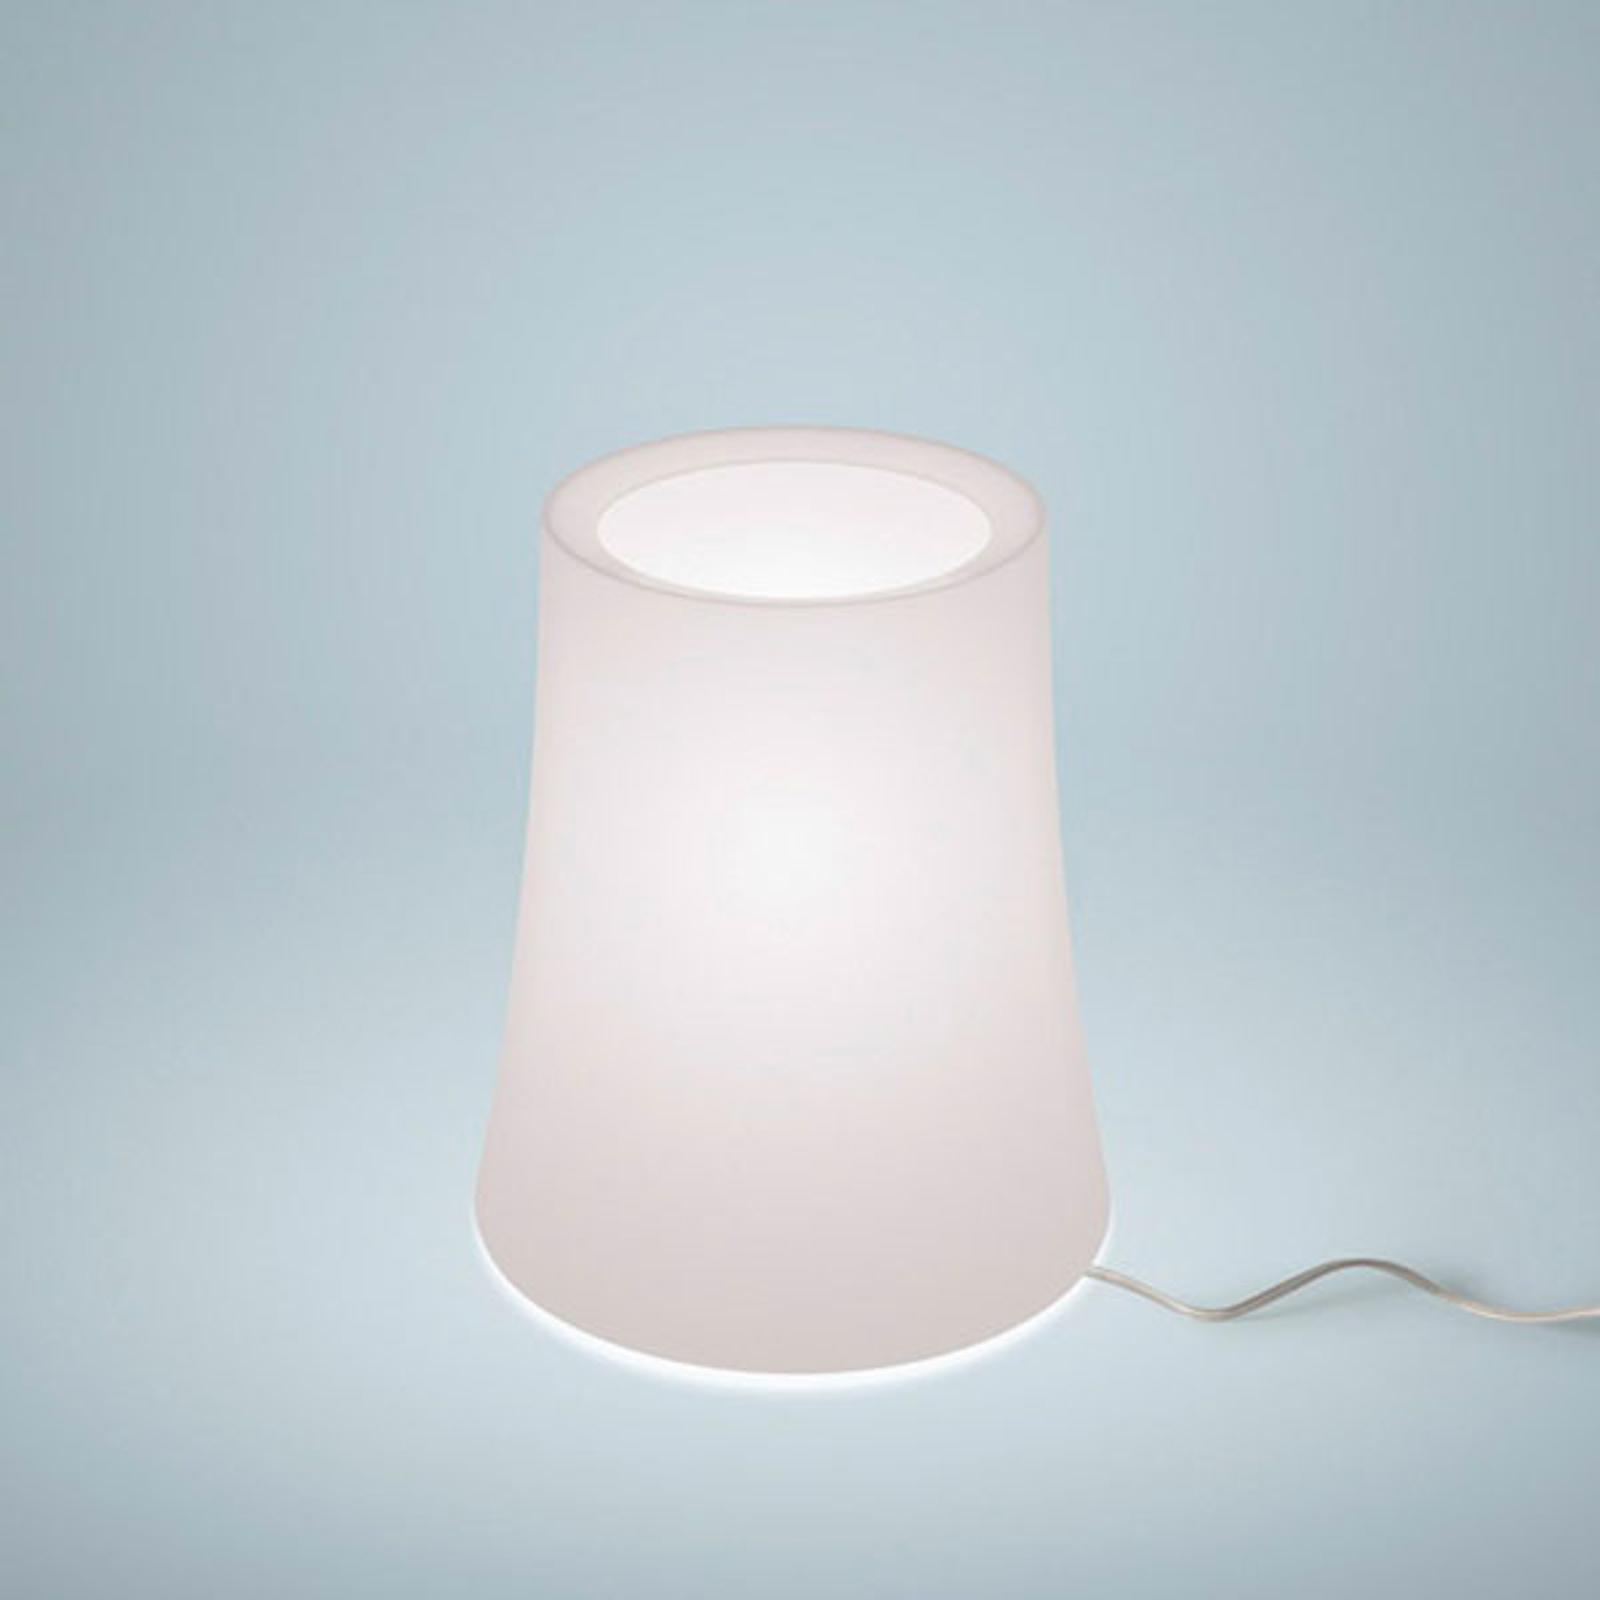 Foscarini Birdie Zero lampa stołowa, wysokość 20cm